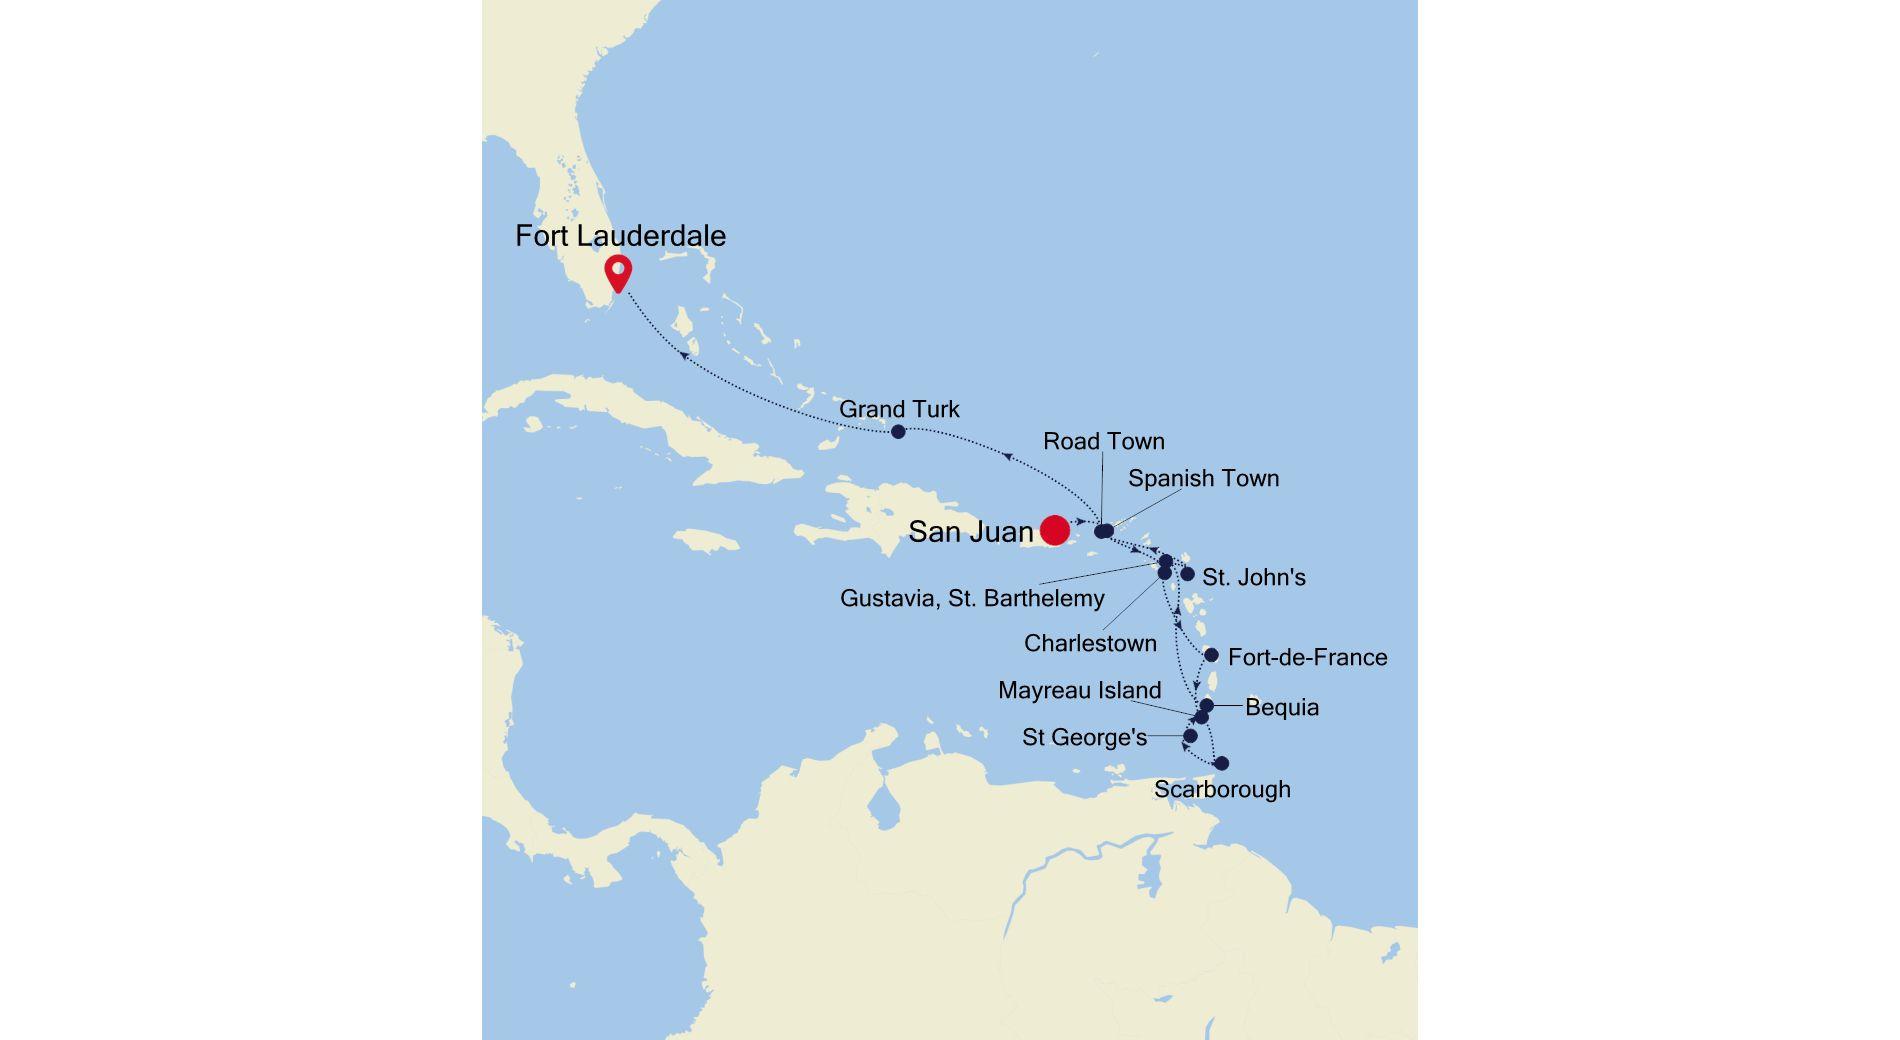 SS201204014 - San Juan à Fort Lauderdale